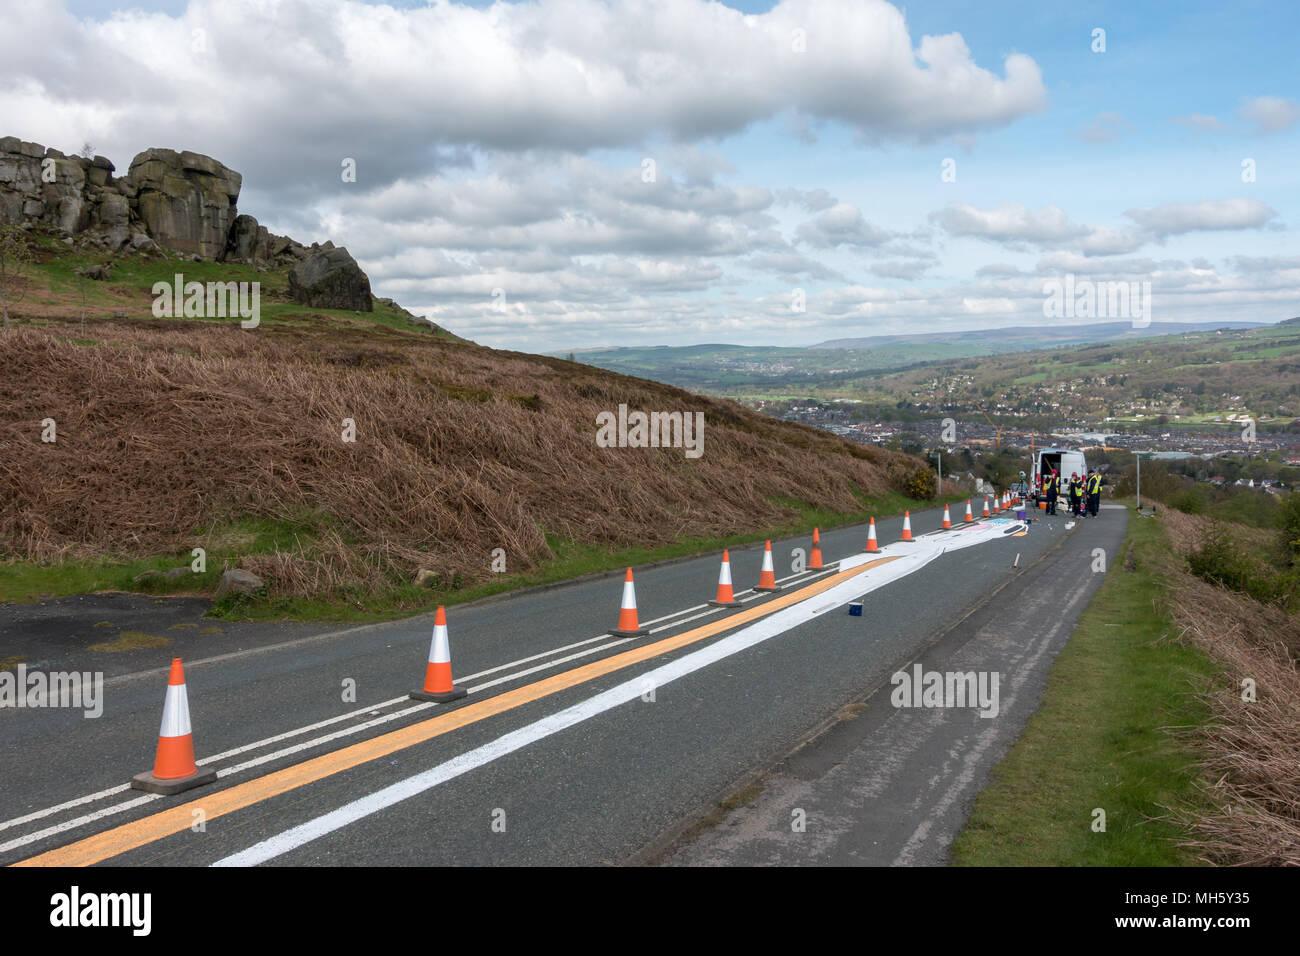 Ilkley Moor, West Yorkshire, Royaume-Uni. 30 avril 2018. Repos artistes genoux après avoir passé des heures à peindre le Tour de Yorkshire's premier sommet terminer sur la Vache et son veau road prêt pour la course de vendredi. Qu'est-ce que cela va être? Land art (anamorphique) Rebecca Cole/Alamy Live News Photo Stock